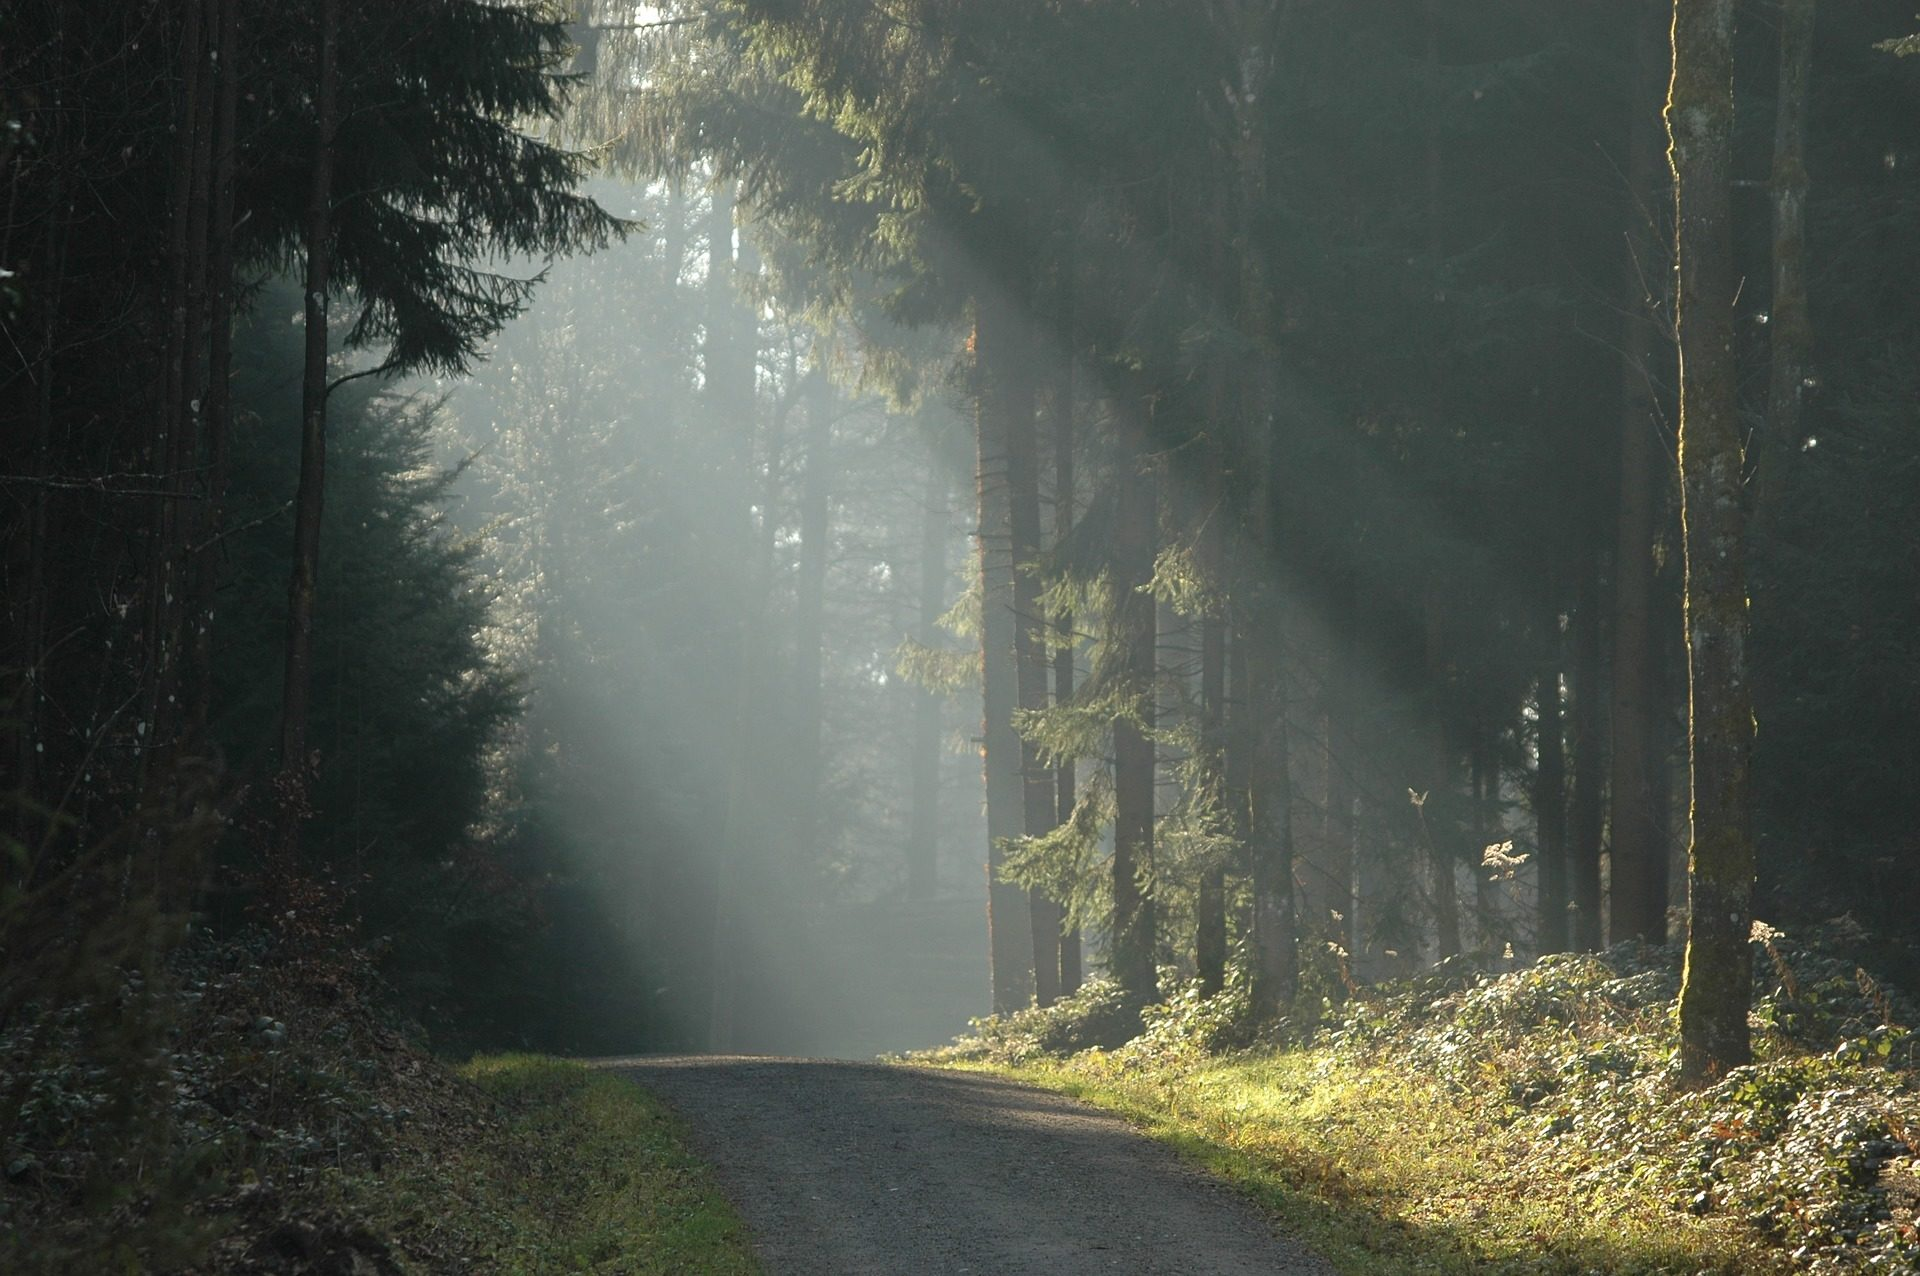 الغابات, الطريق, الأشجار, طبعًا, الضوء, أشعة - خلفيات عالية الدقة - أستاذ falken.com